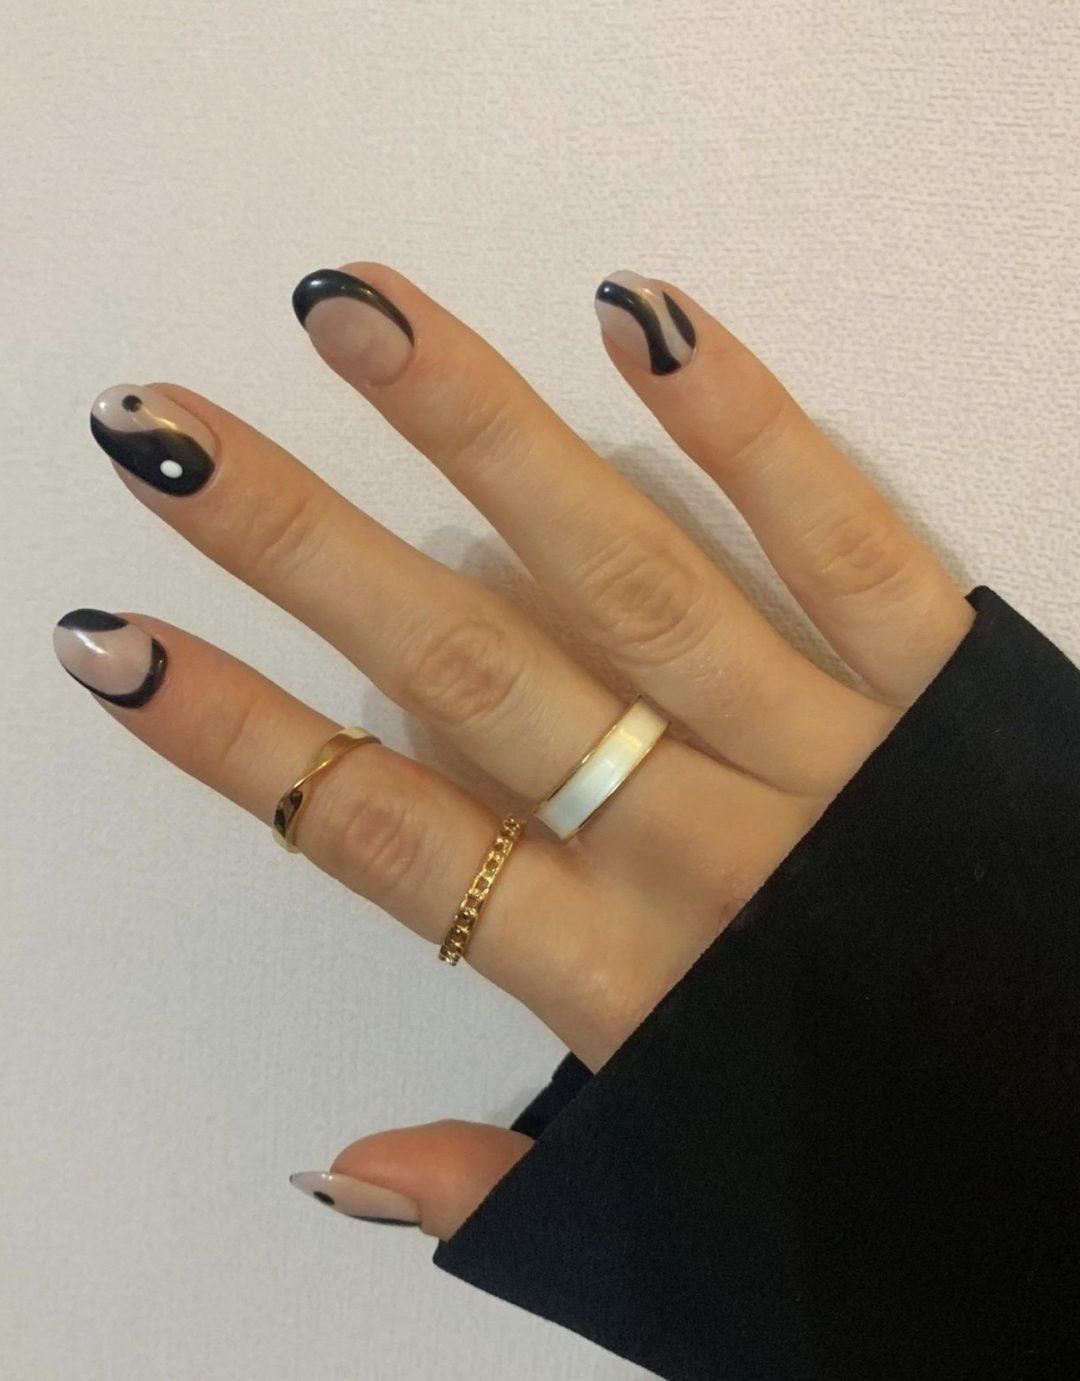 Minimalist Yin and Yang nails